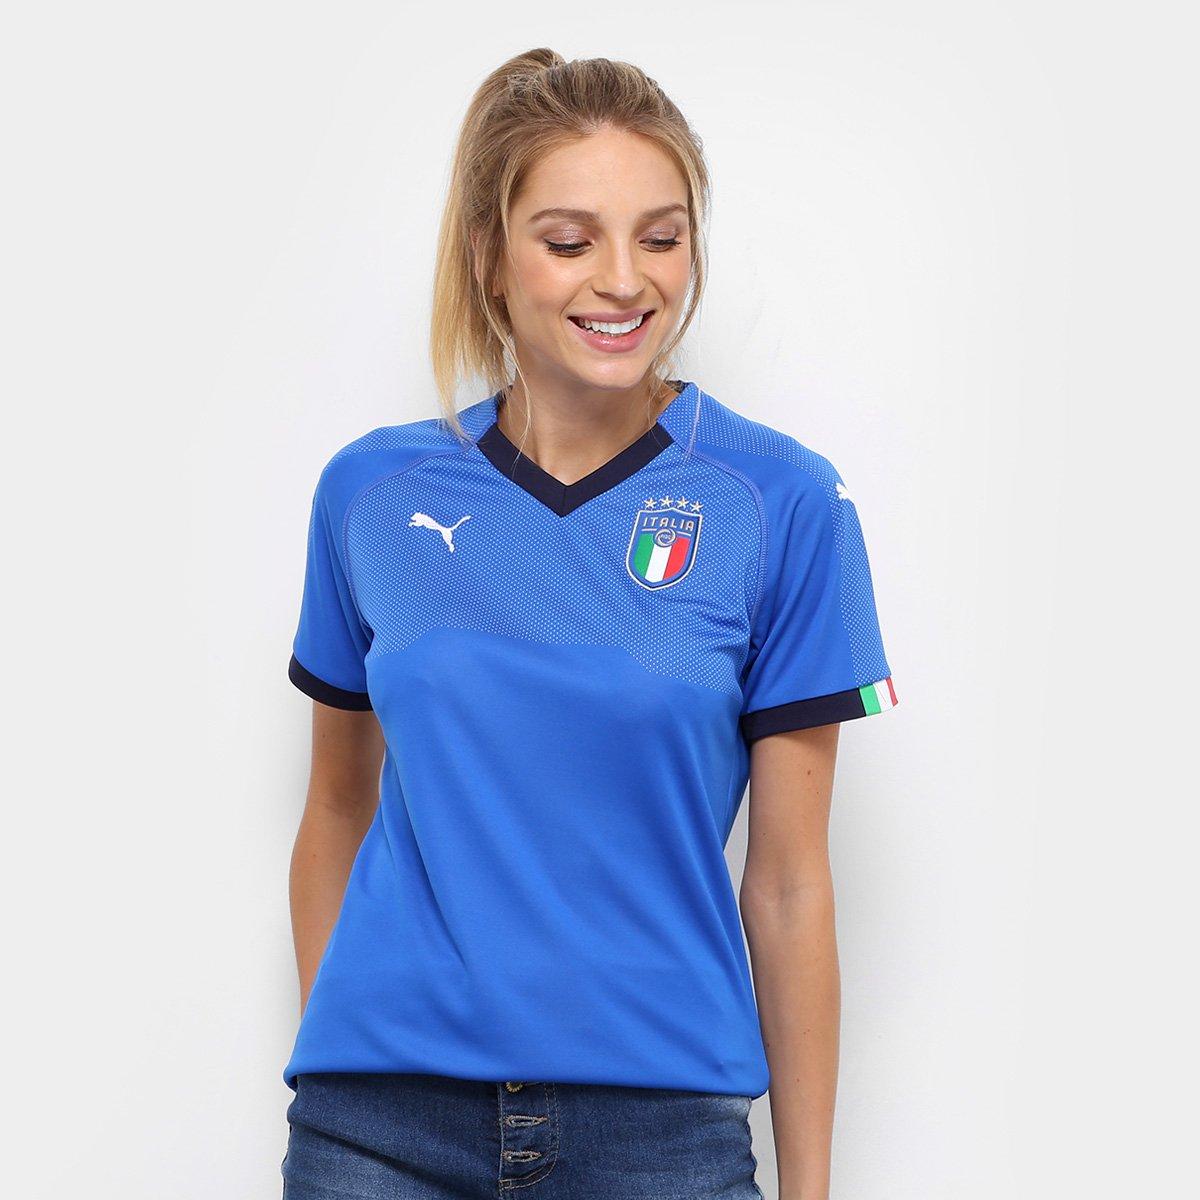 Camisa Seleção Itália Home 2018 s n° - Torcedor Puma Feminina - Azul ... cef065123dd57